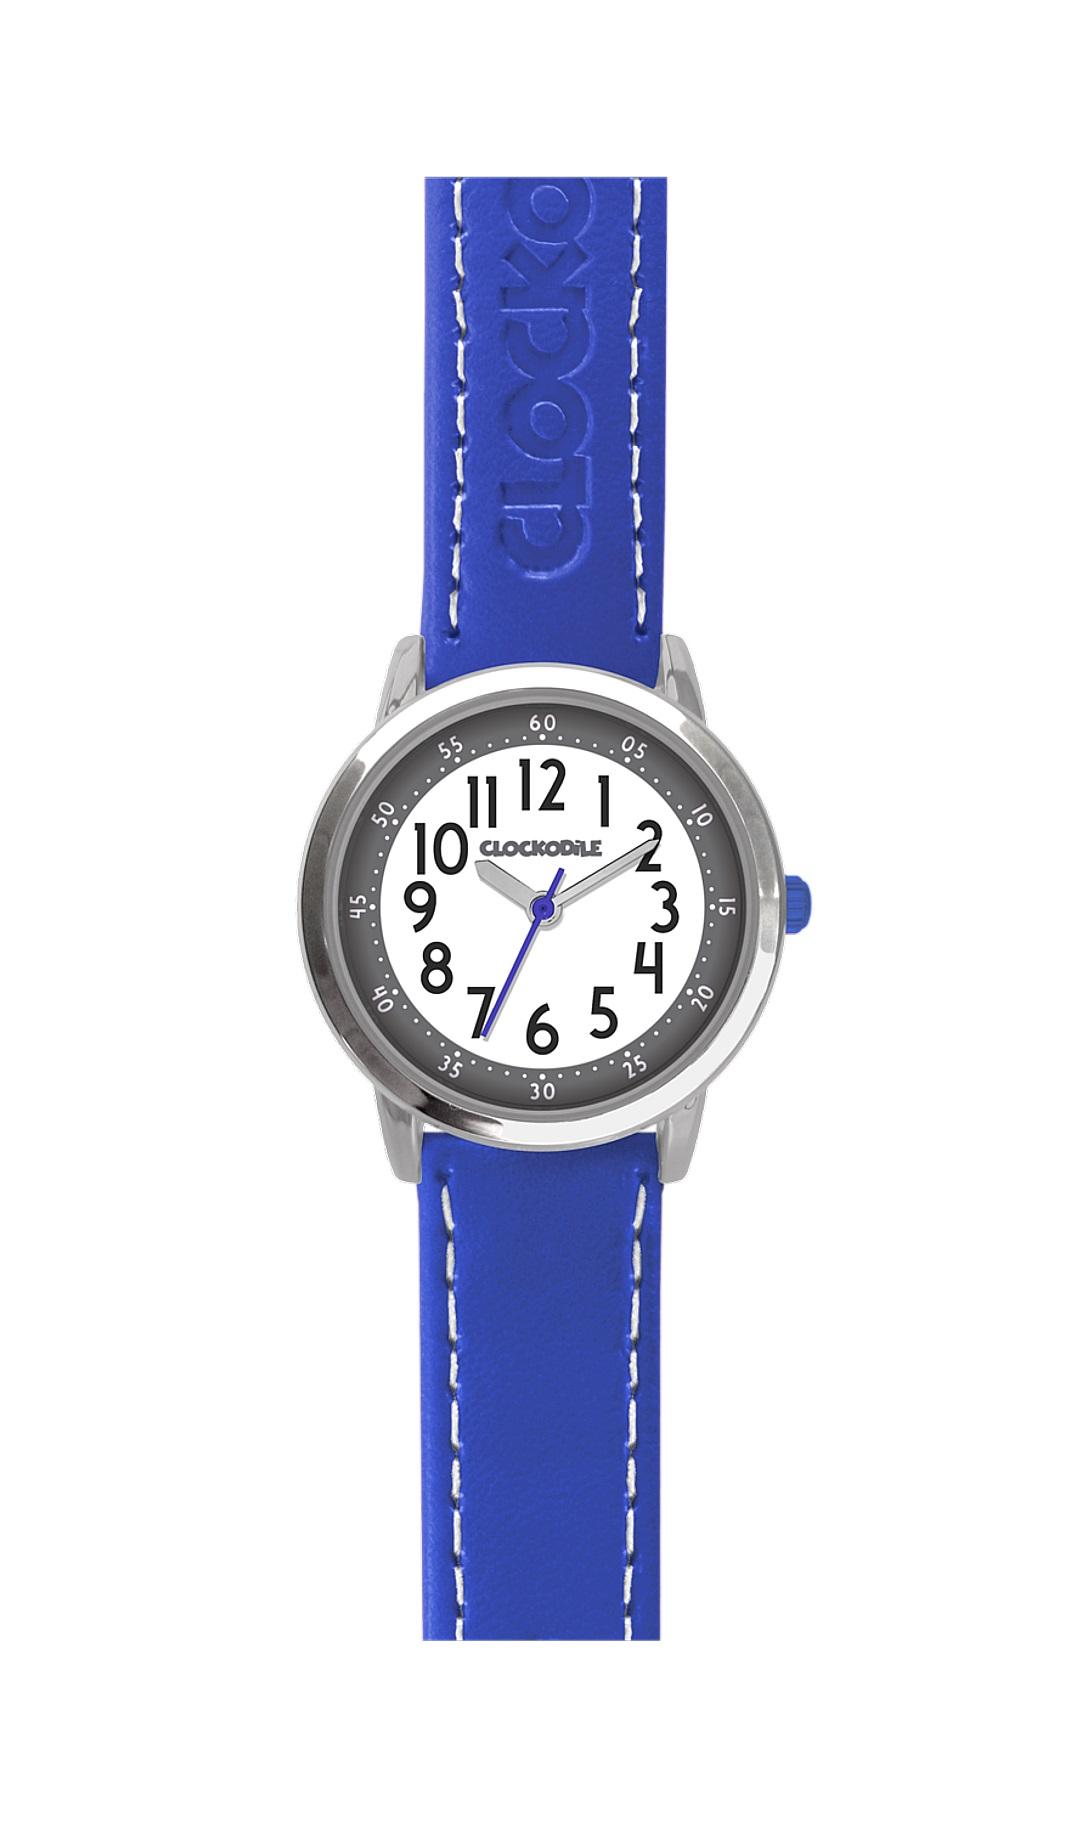 Dětské modré chlapecké hodinky CLOCKODILE COLOUR CWB0012 (CWB0012 - dětské hodinky)